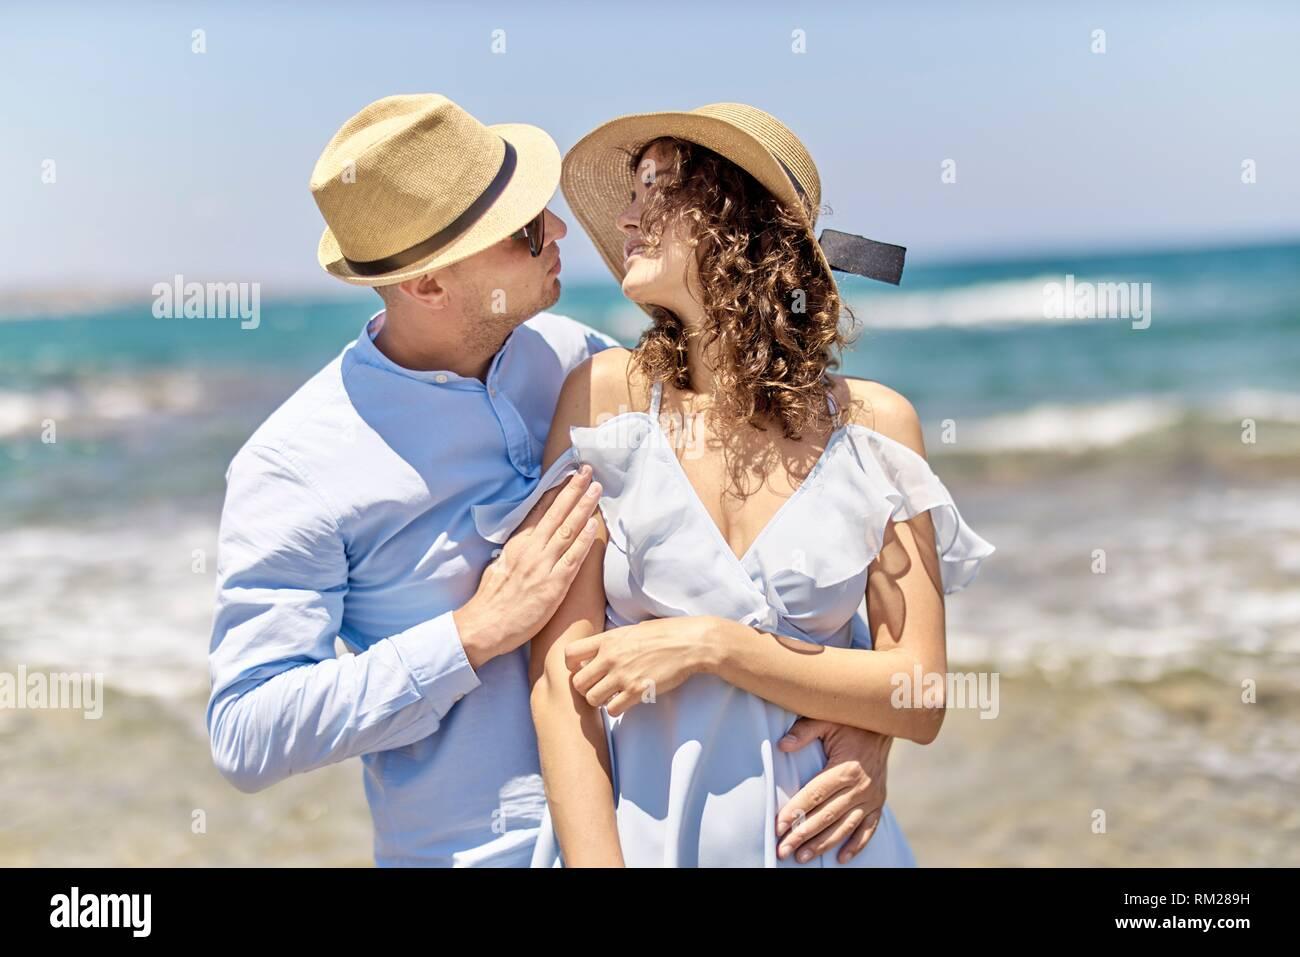 Giovane a beach, vacanze estate, amore flirt Immagini Stock